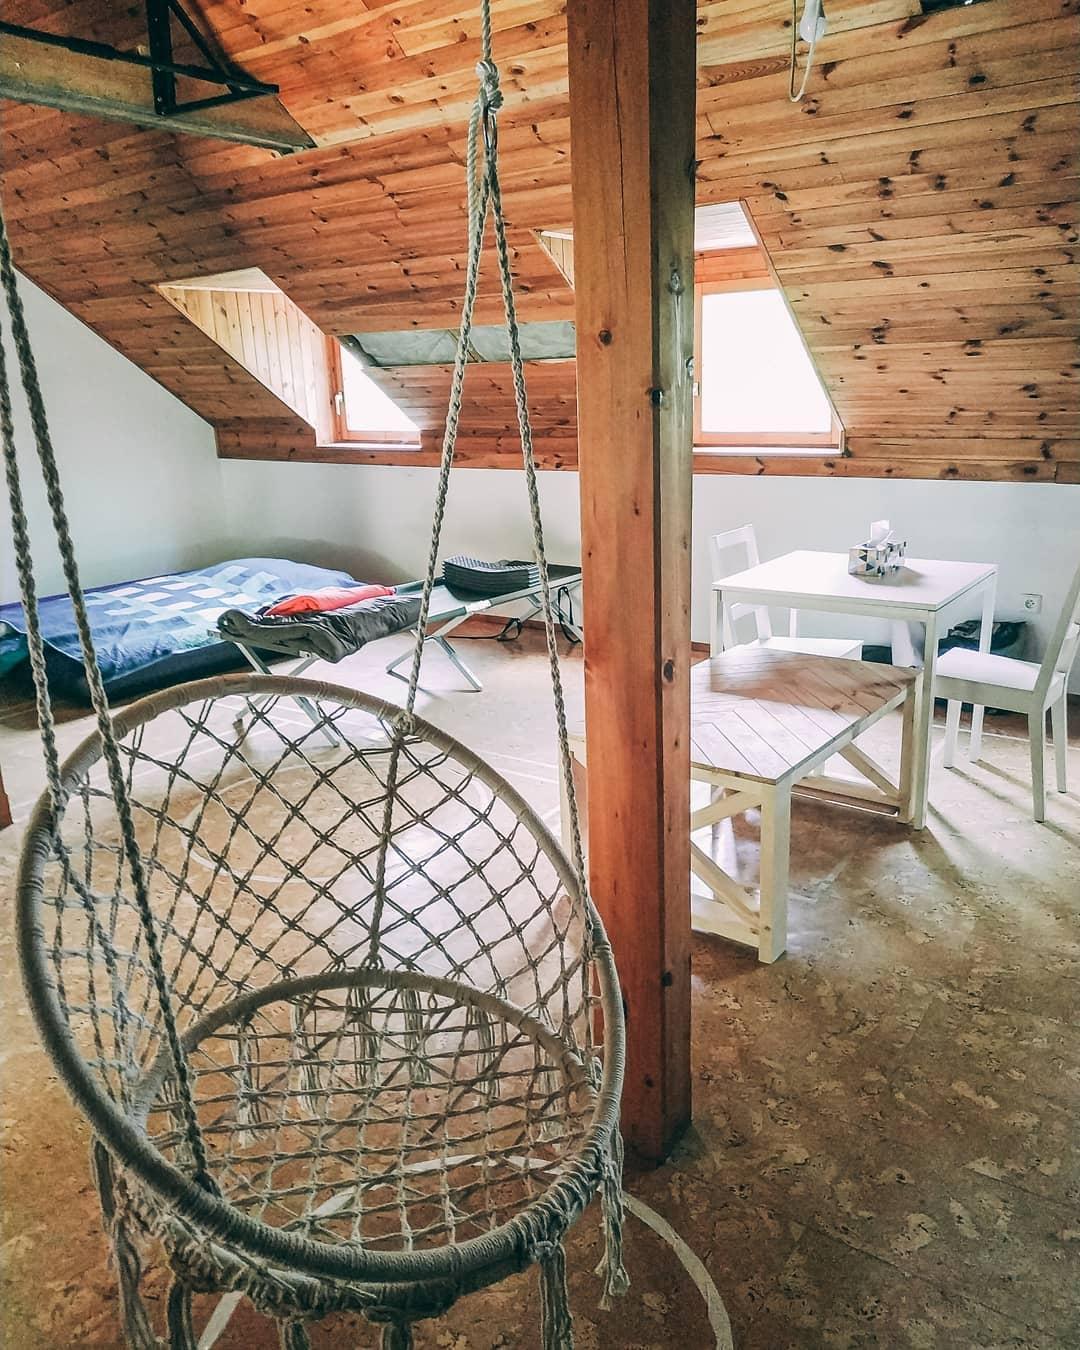 Z vinného sklepa rodinný dům - Takhle to u nás momentálně vypadá. S rekonstrukcí jsme ještě ani nezačali, ale houpačka, která bude viset v obýváku už je na svém místě :)